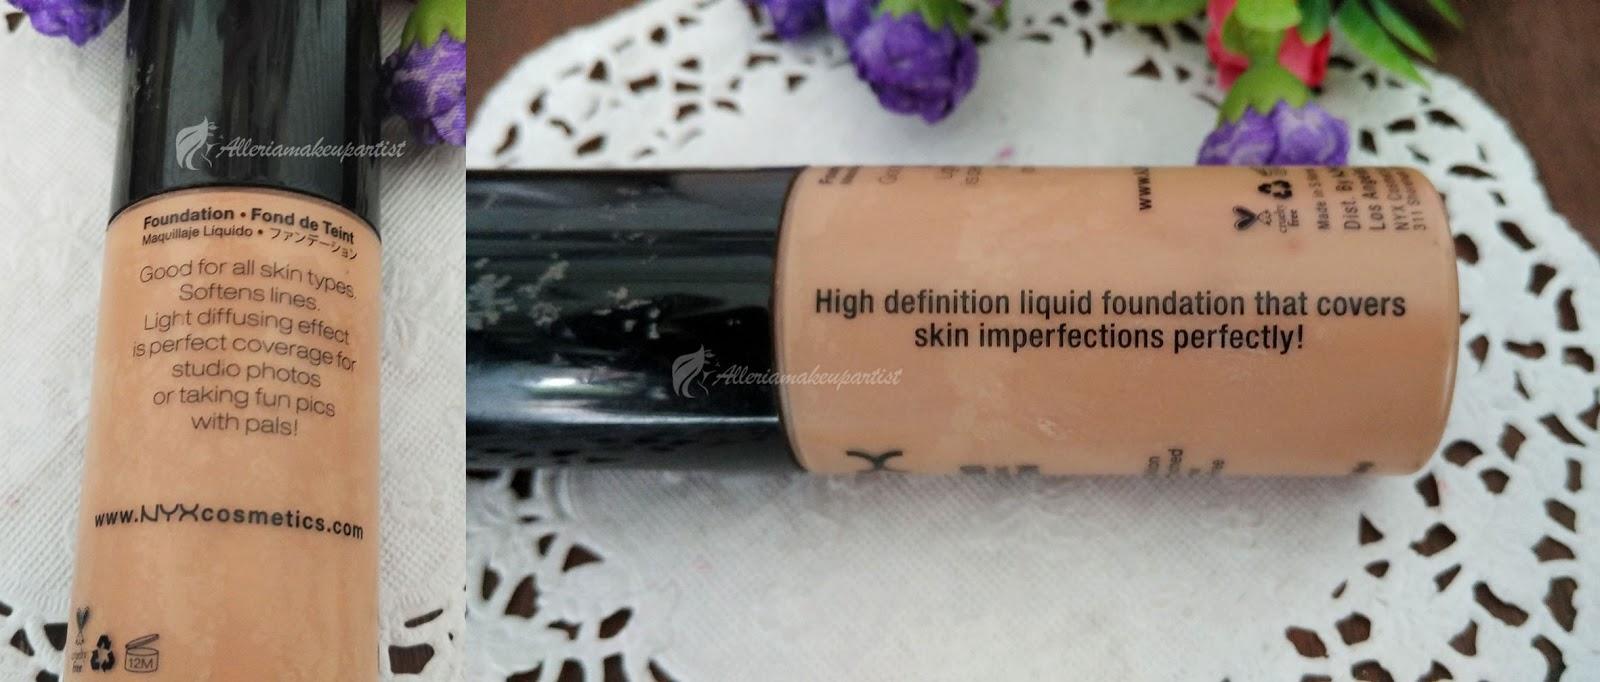 nyx-hd-foundation-shade-natural-review.jpg